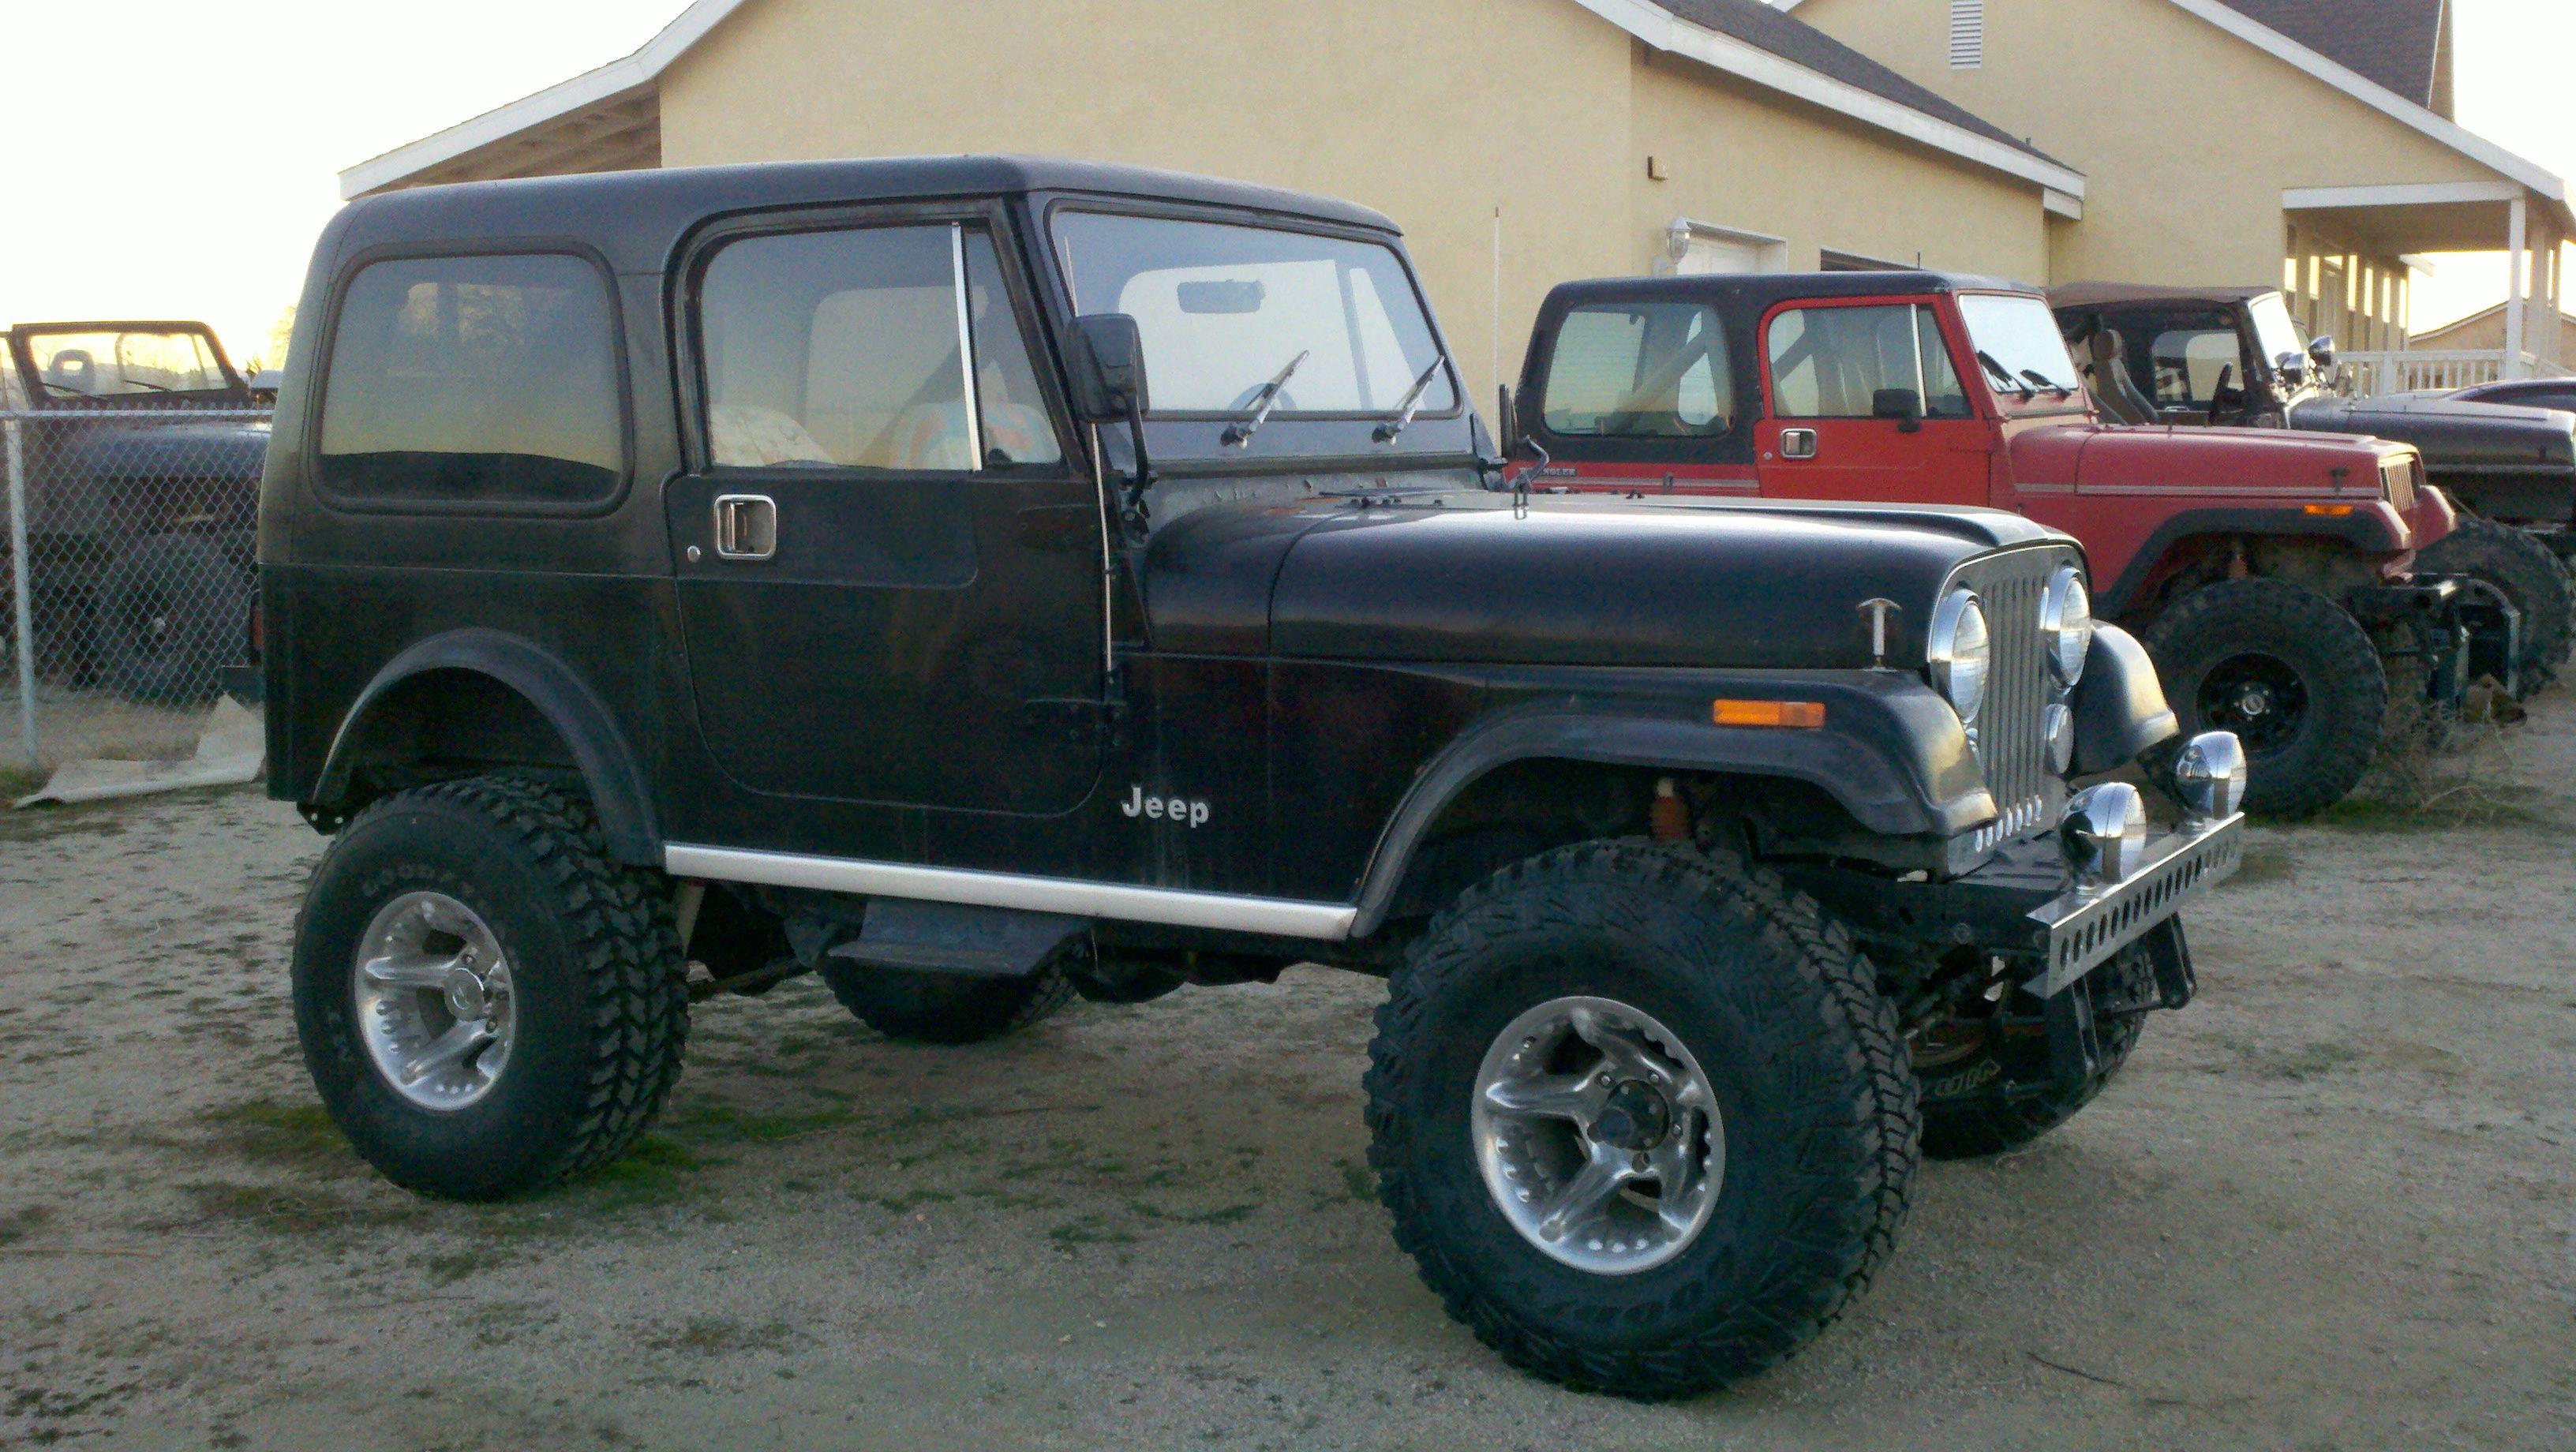 84 Cj 7 Jeep Cj Jeep Sweet Ride